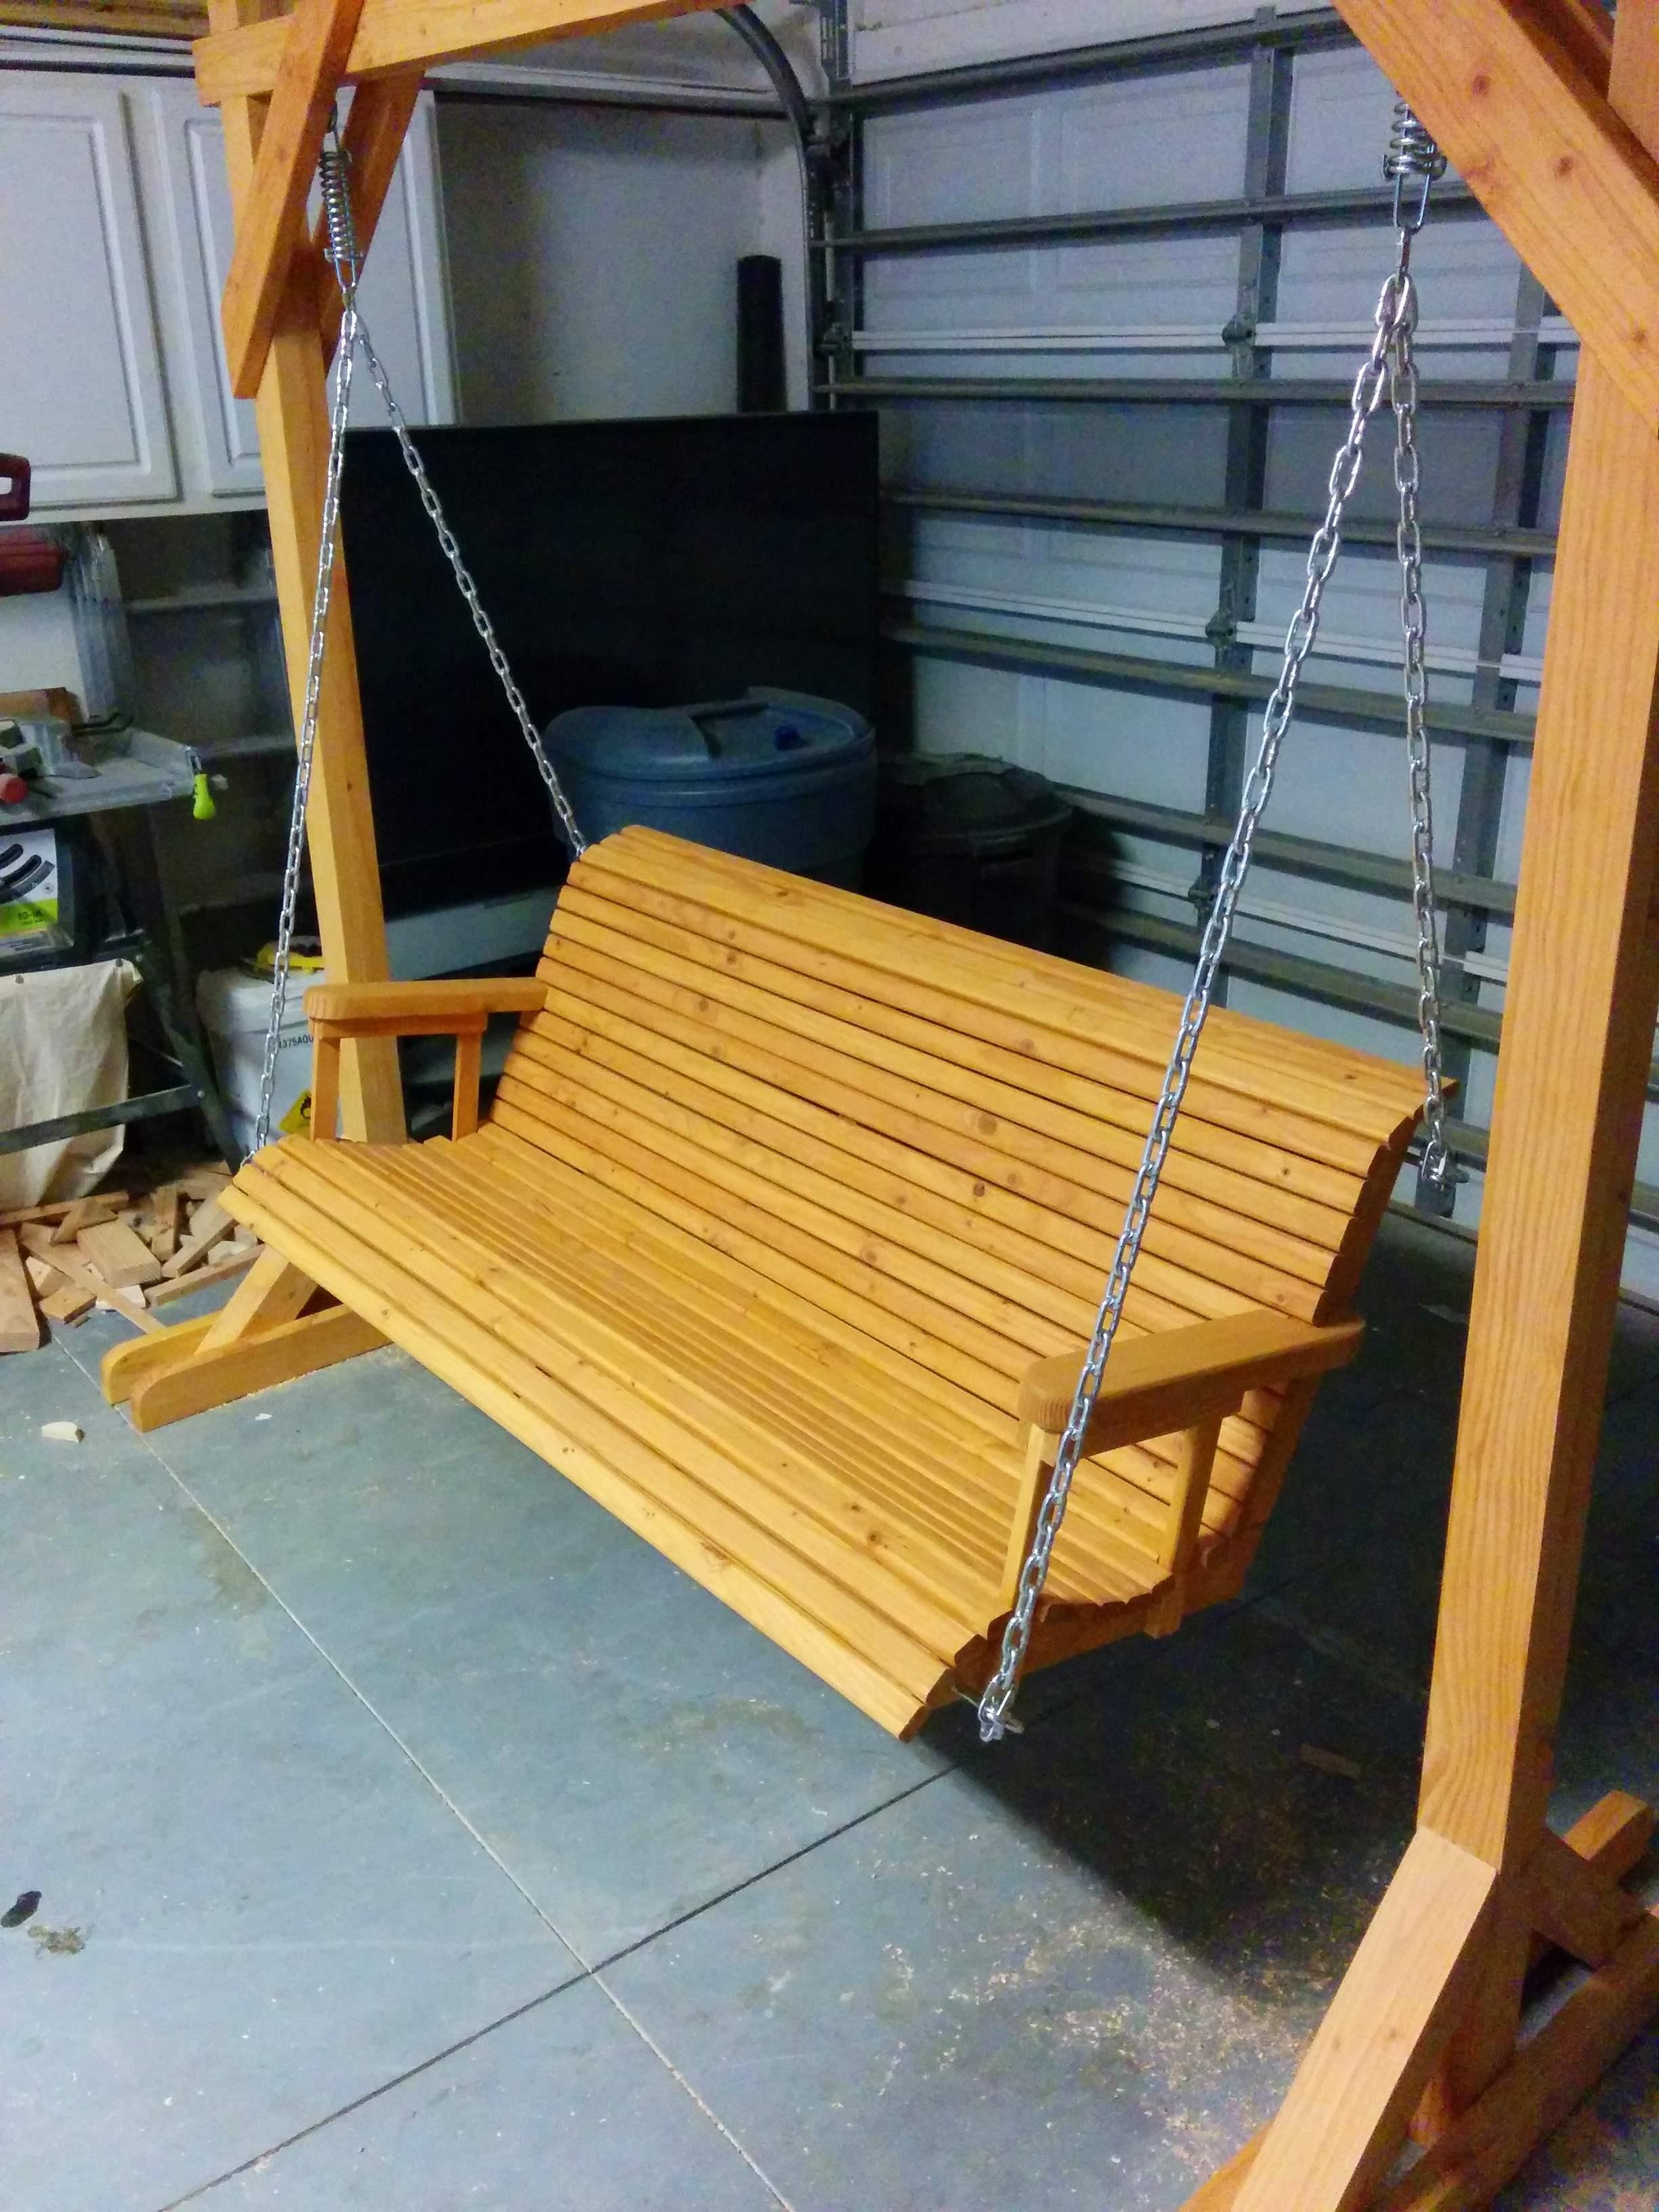 Diy Swing Bench Myoutdoorplans Free Woodworking Plans